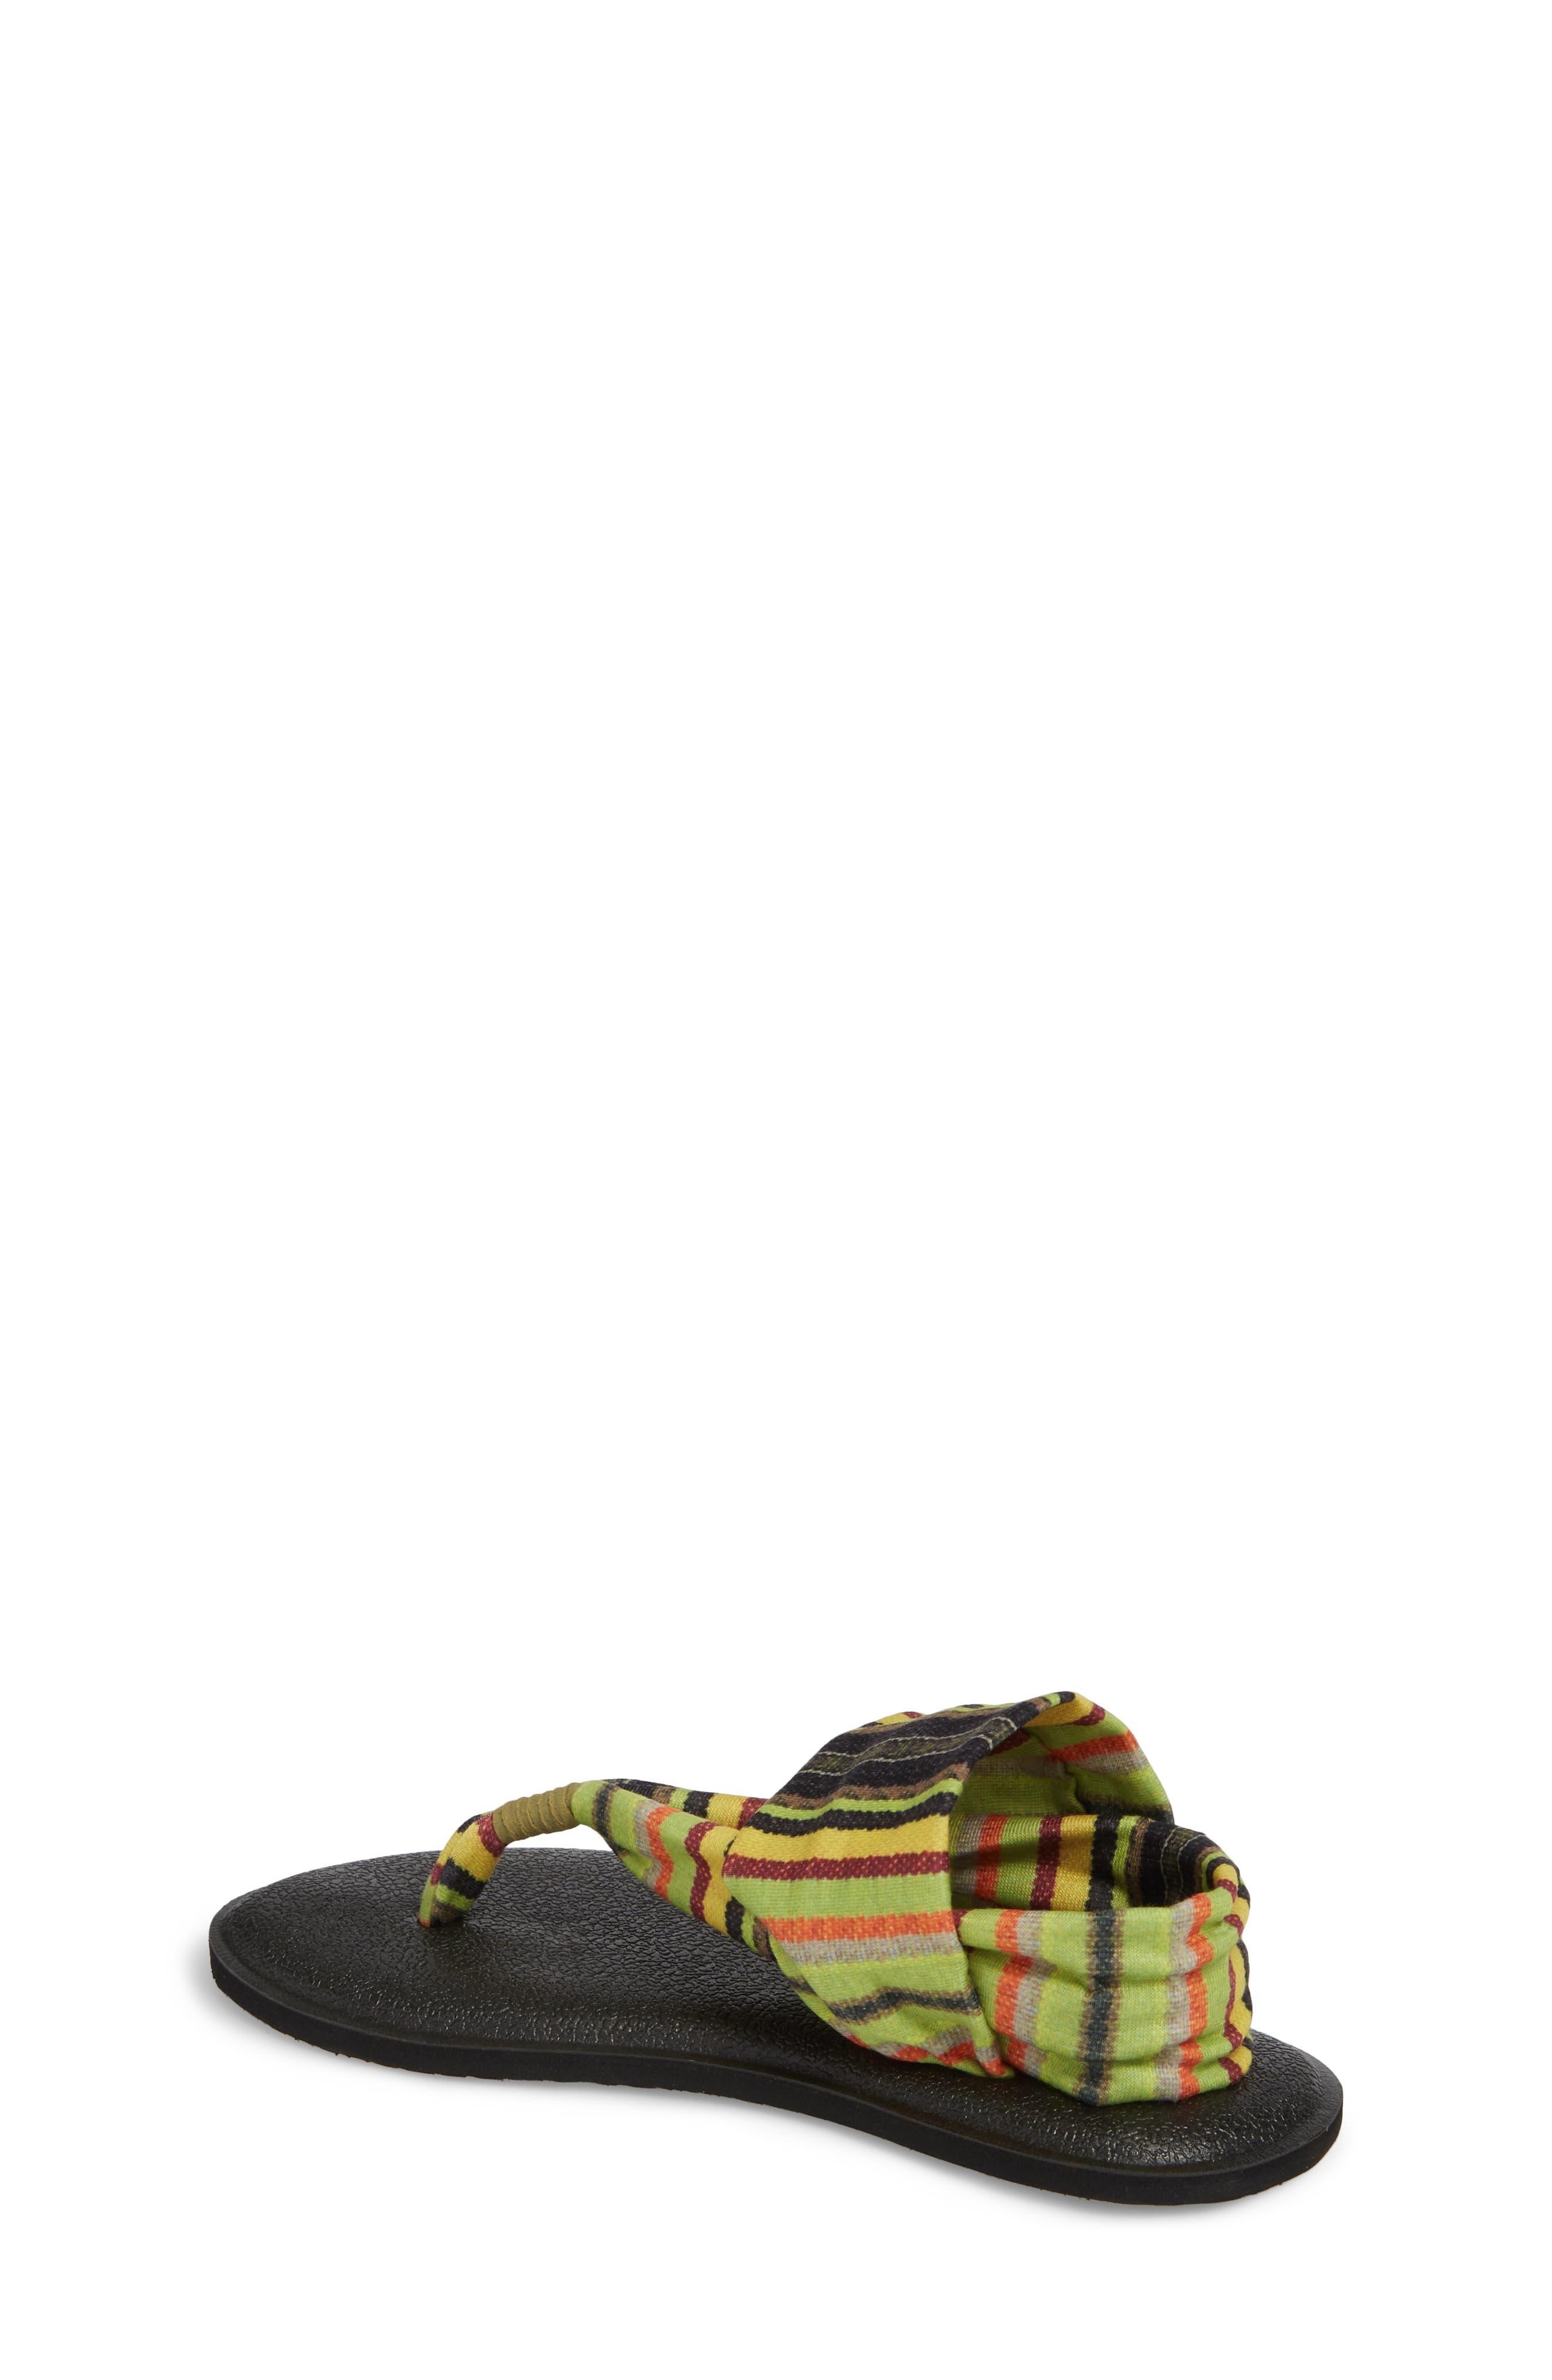 Yoga Sling Burst Sandal,                             Alternate thumbnail 2, color,                             GREEN KAUAI BLANKET